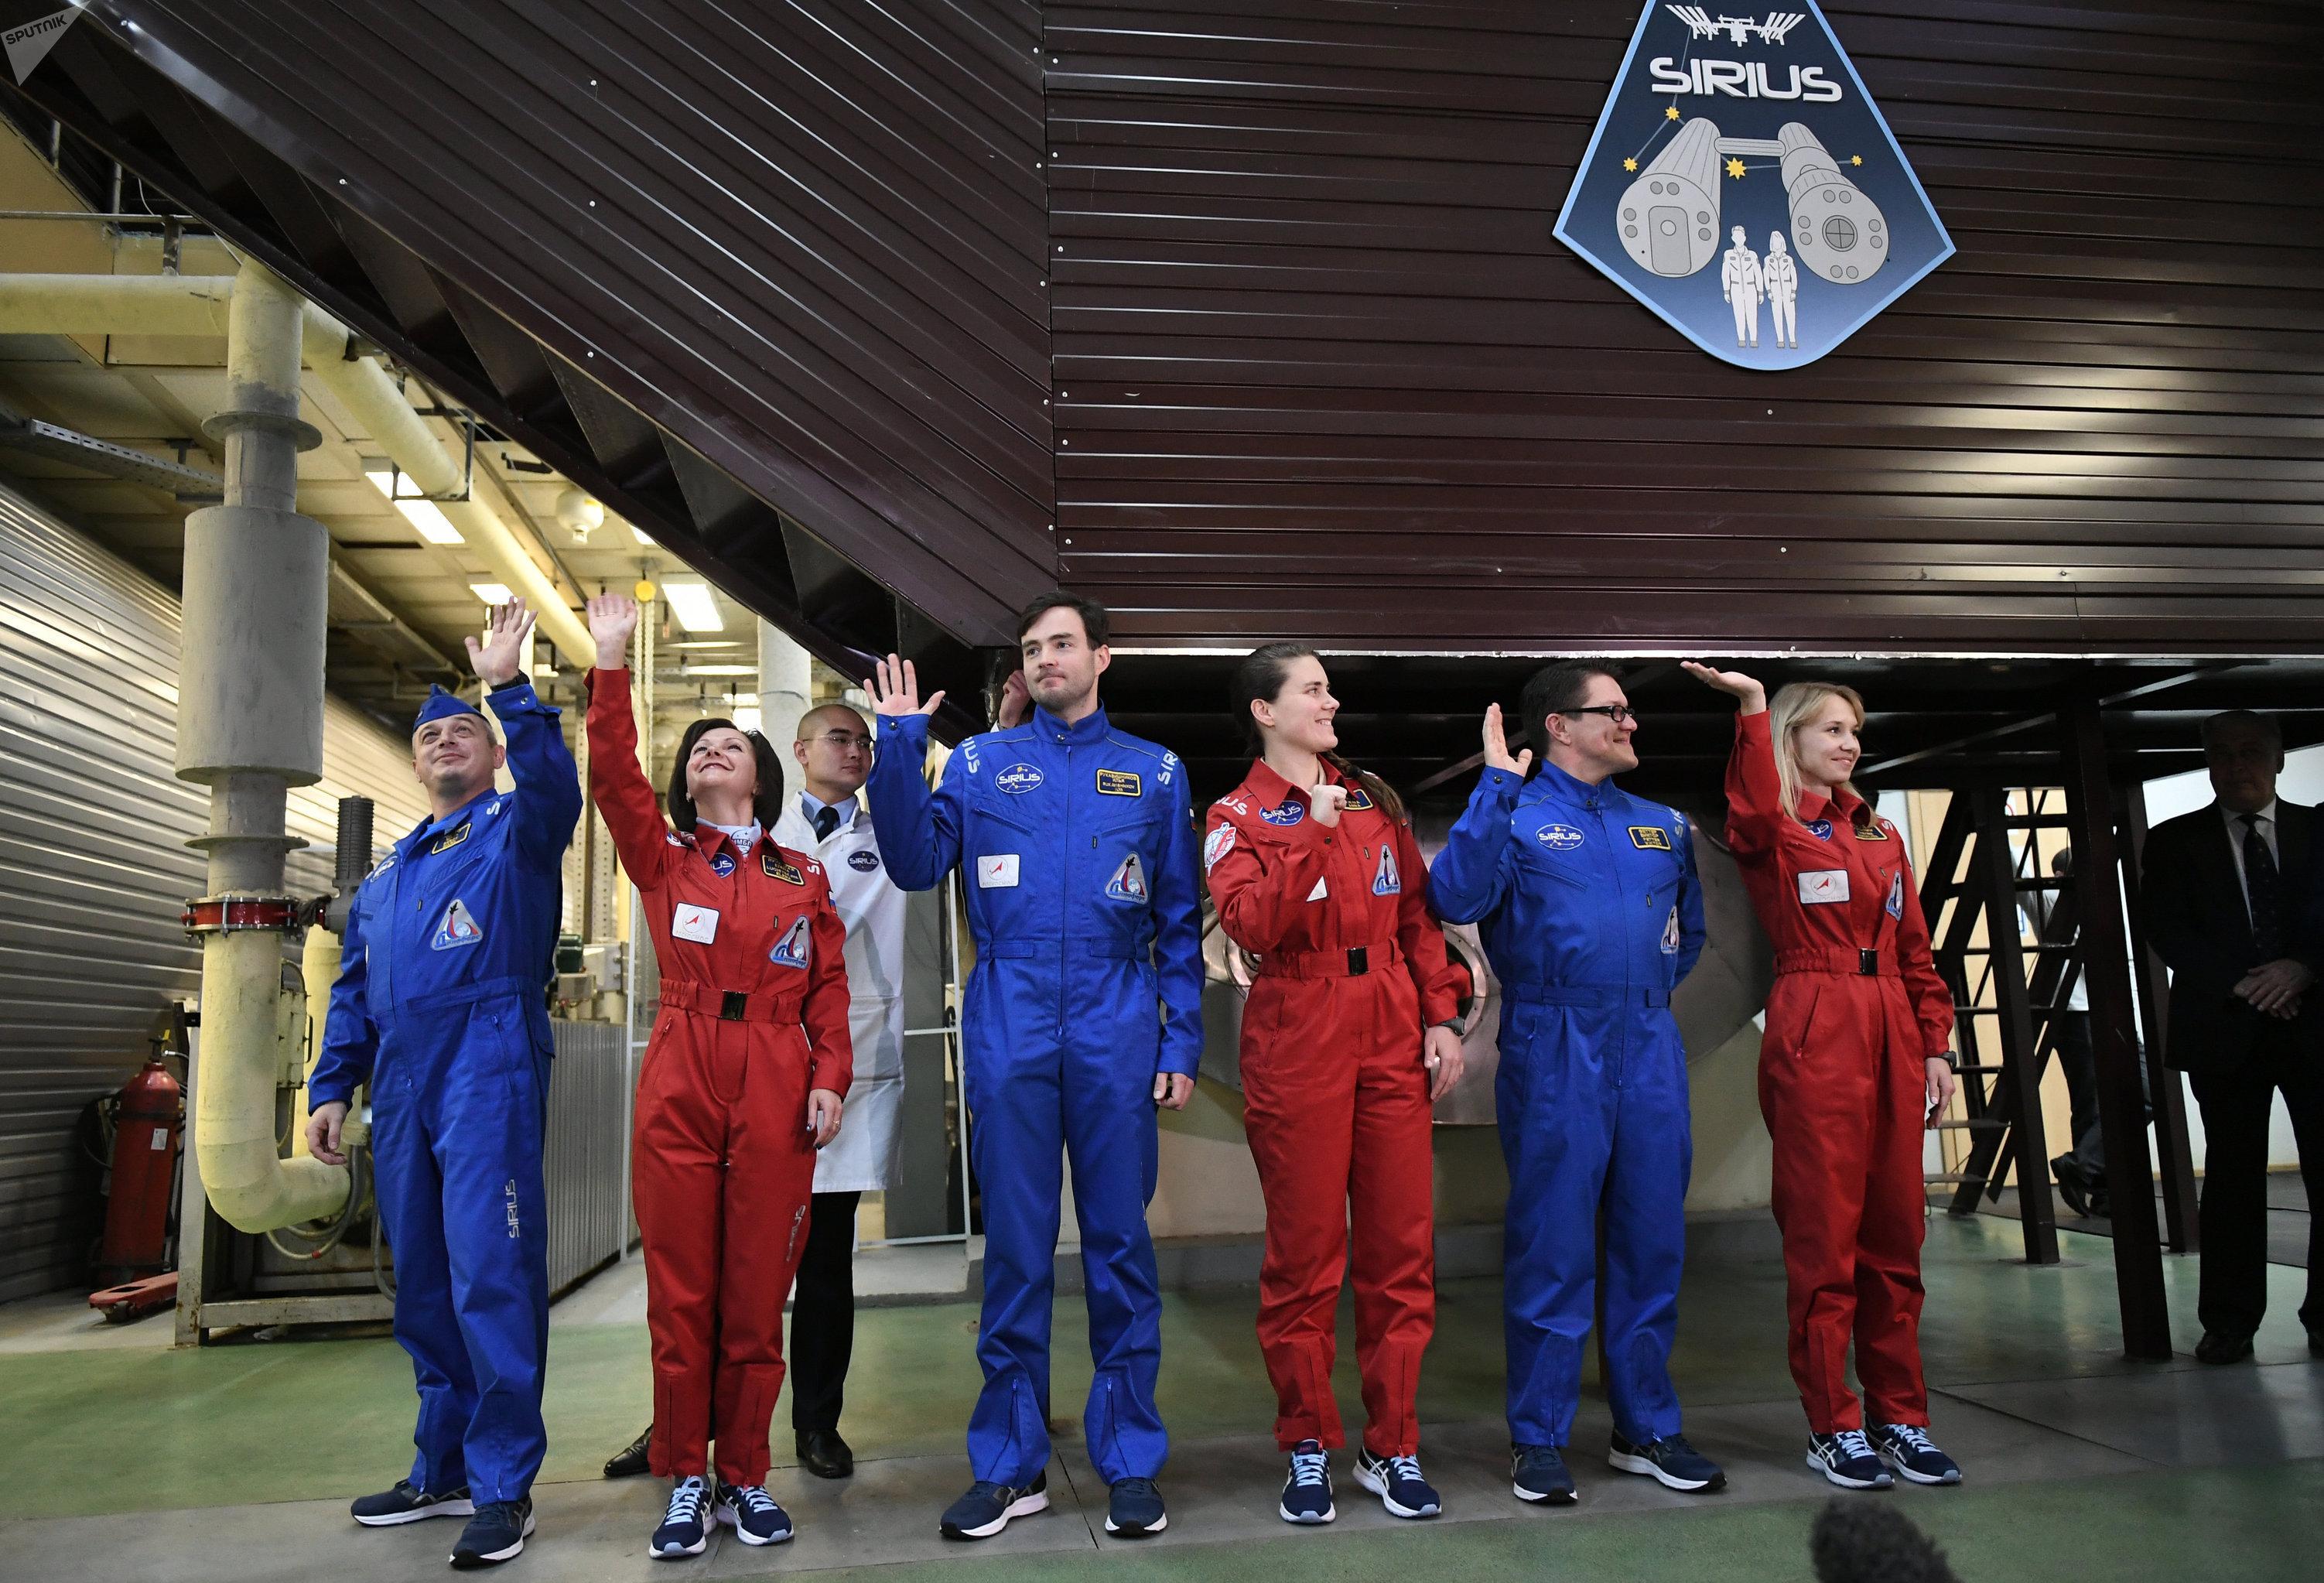 La tripulación básica del experimento Sirius-17